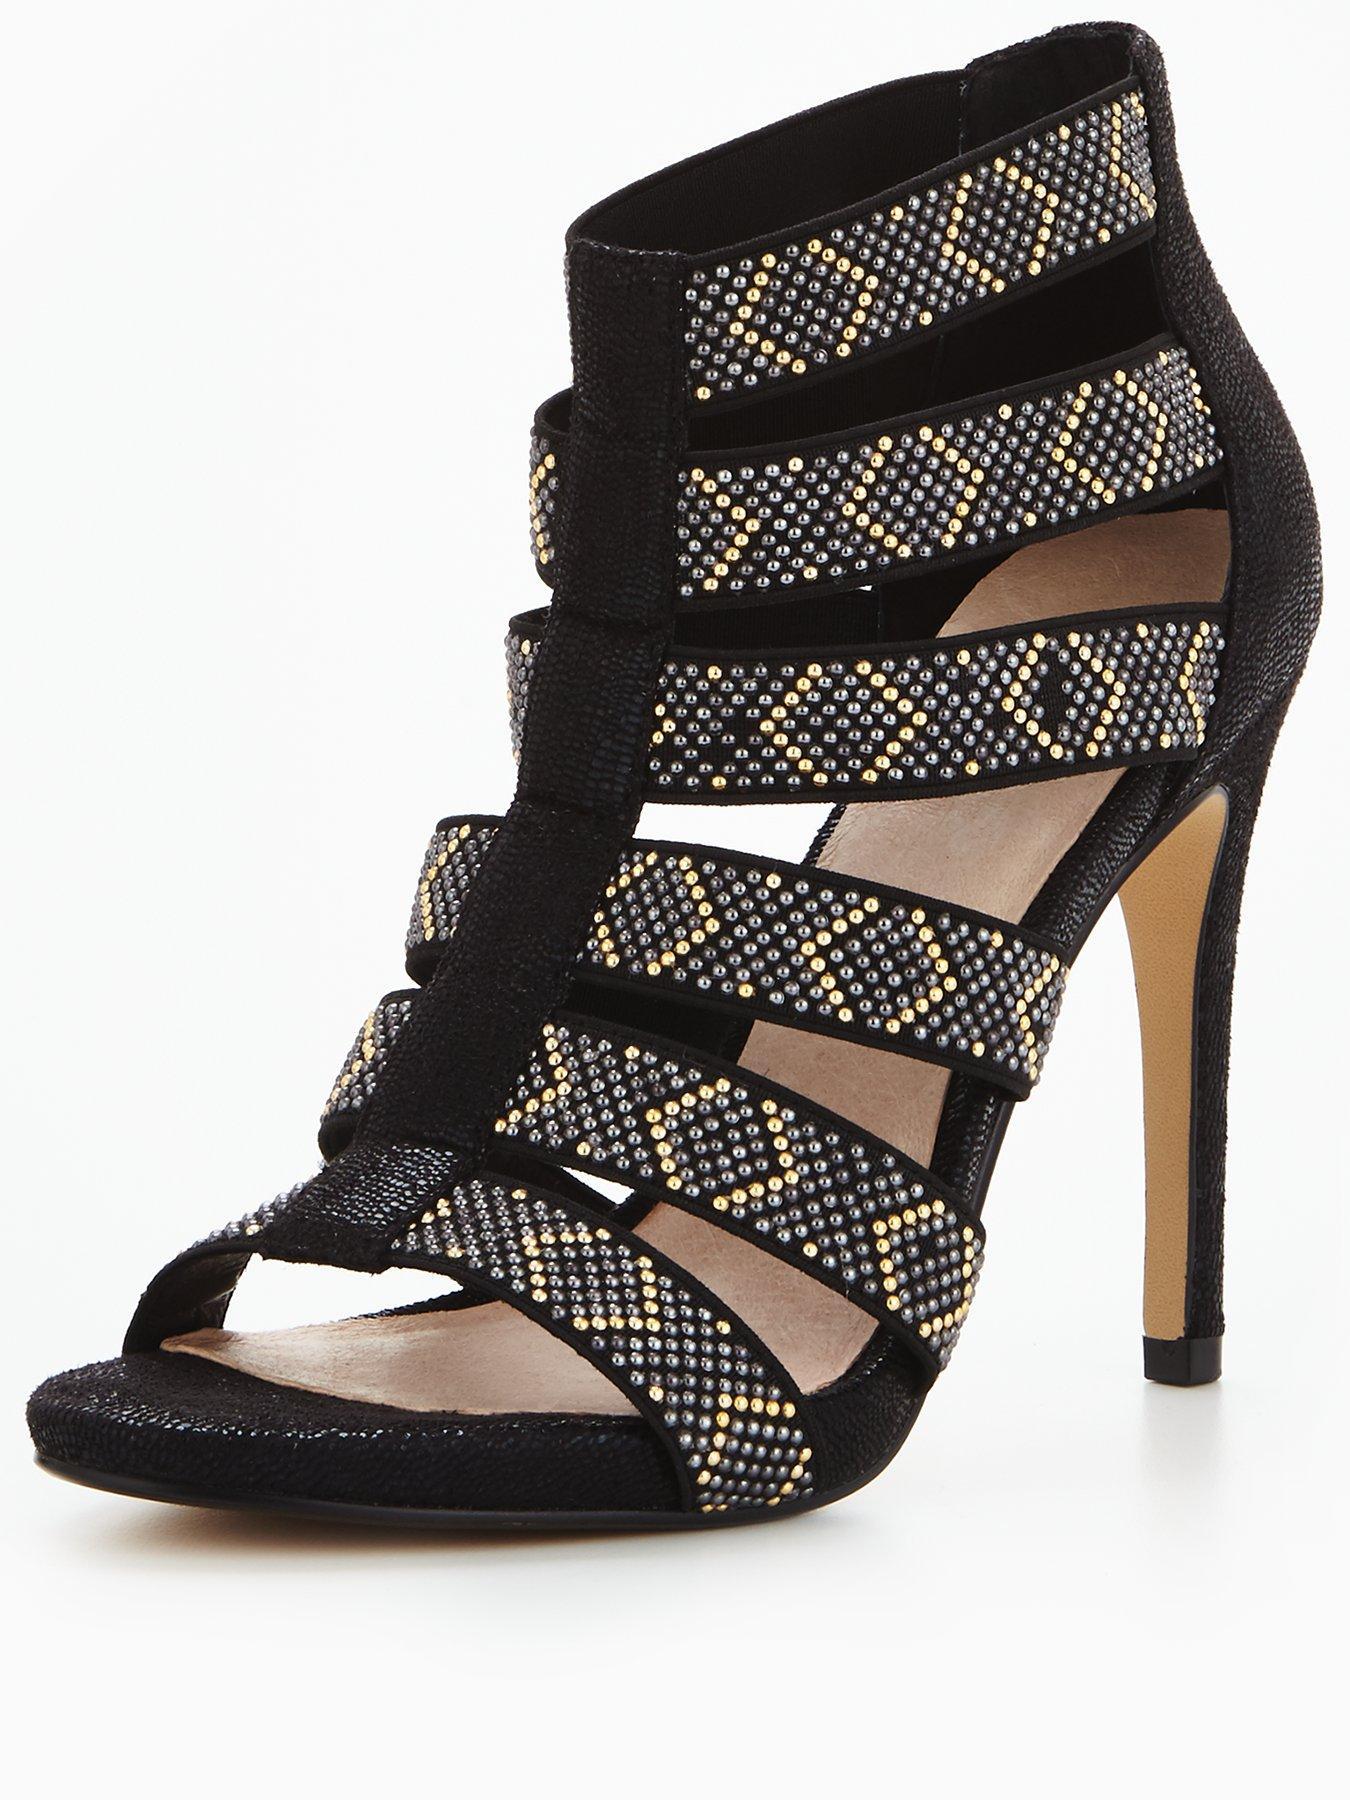 Moda In Pelle Moda in Pelle Simeon High studded elastic sandal 1600172961 Women's Shoes Moda In Pelle Heels